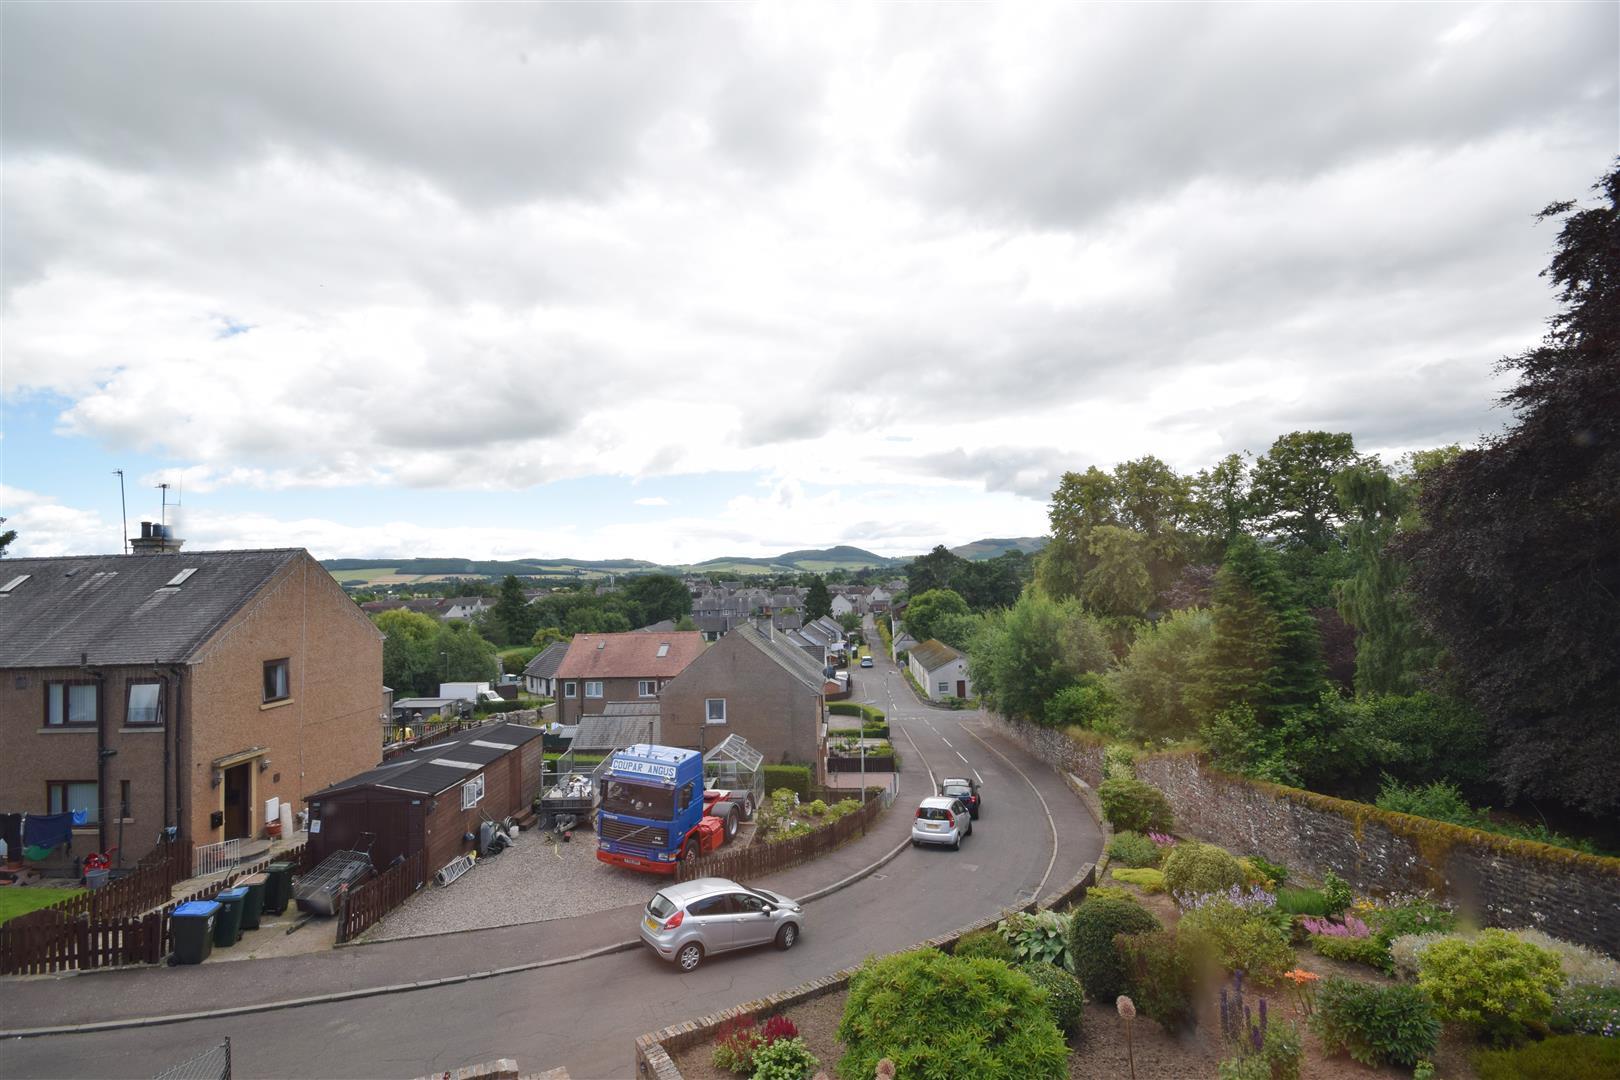 10, Middlehills, Coupar Angus, Blairgowrie, Perthshire, PH13 9BD, UK